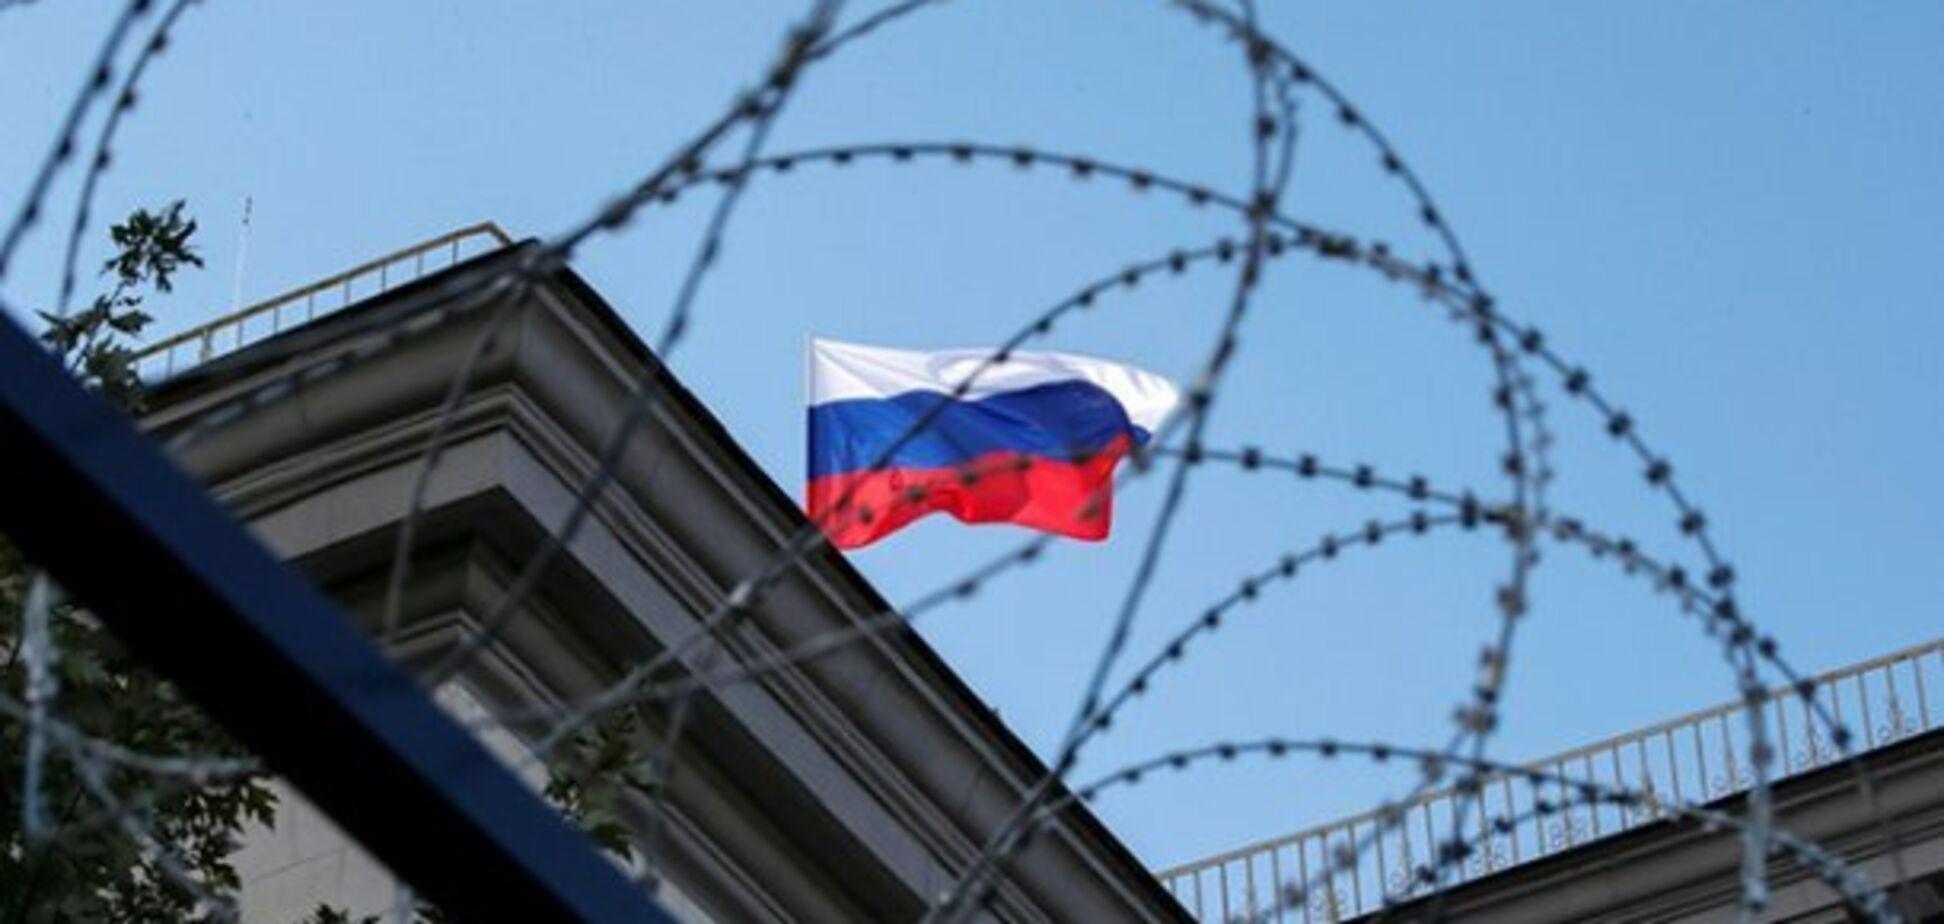 Люди, що перетворили Росію в клітку повинні відчувати себе в ній, як у клітці